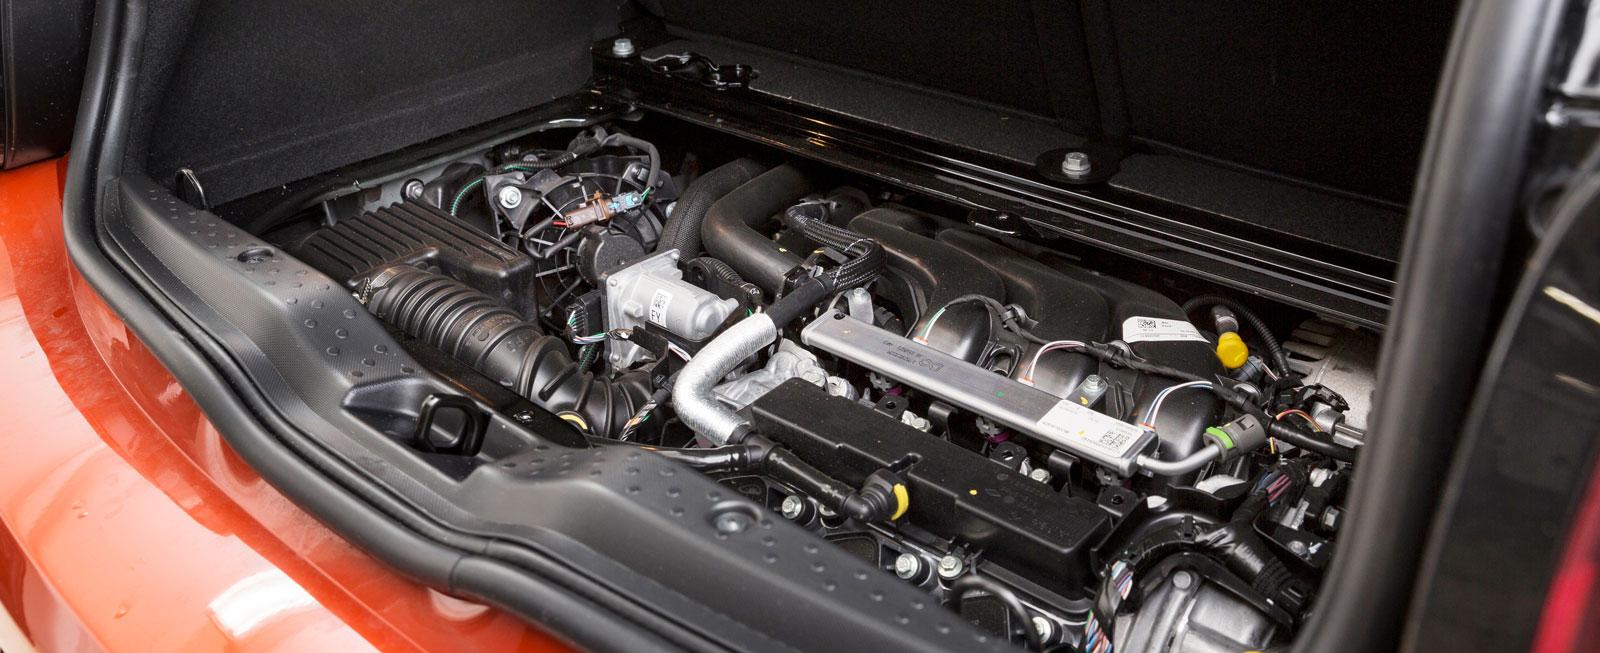 Motorn ligger bak med drivning på bakhjulen. Det ger bra framkomlighet men kräver ideliga ingrepp av ESP-systemet.